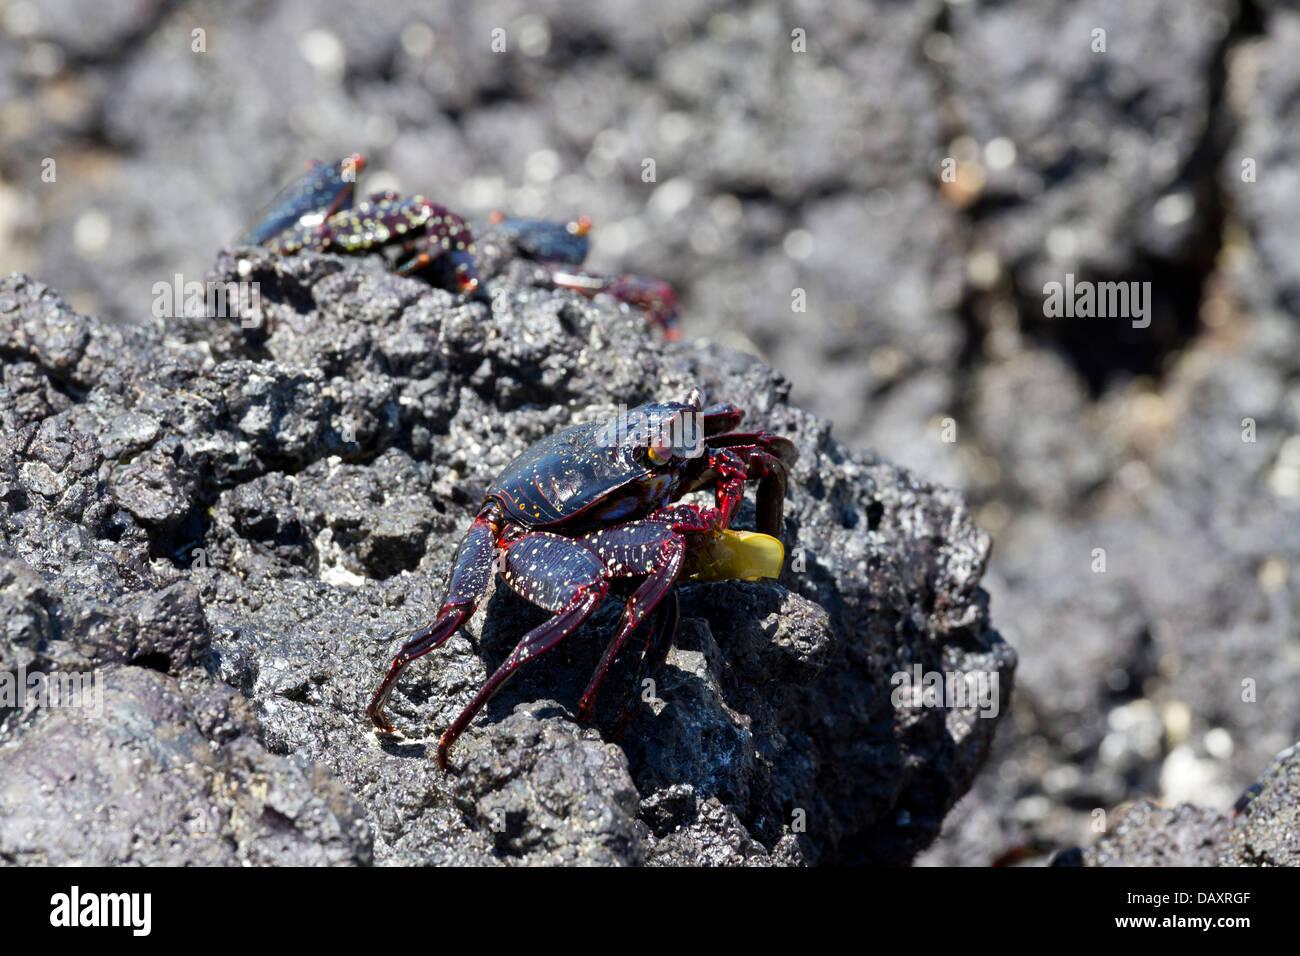 Sally Lightfoot Crab, Grapsus grapsus, Isabela Island, Galapagos Islands, Ecuador - Stock Image